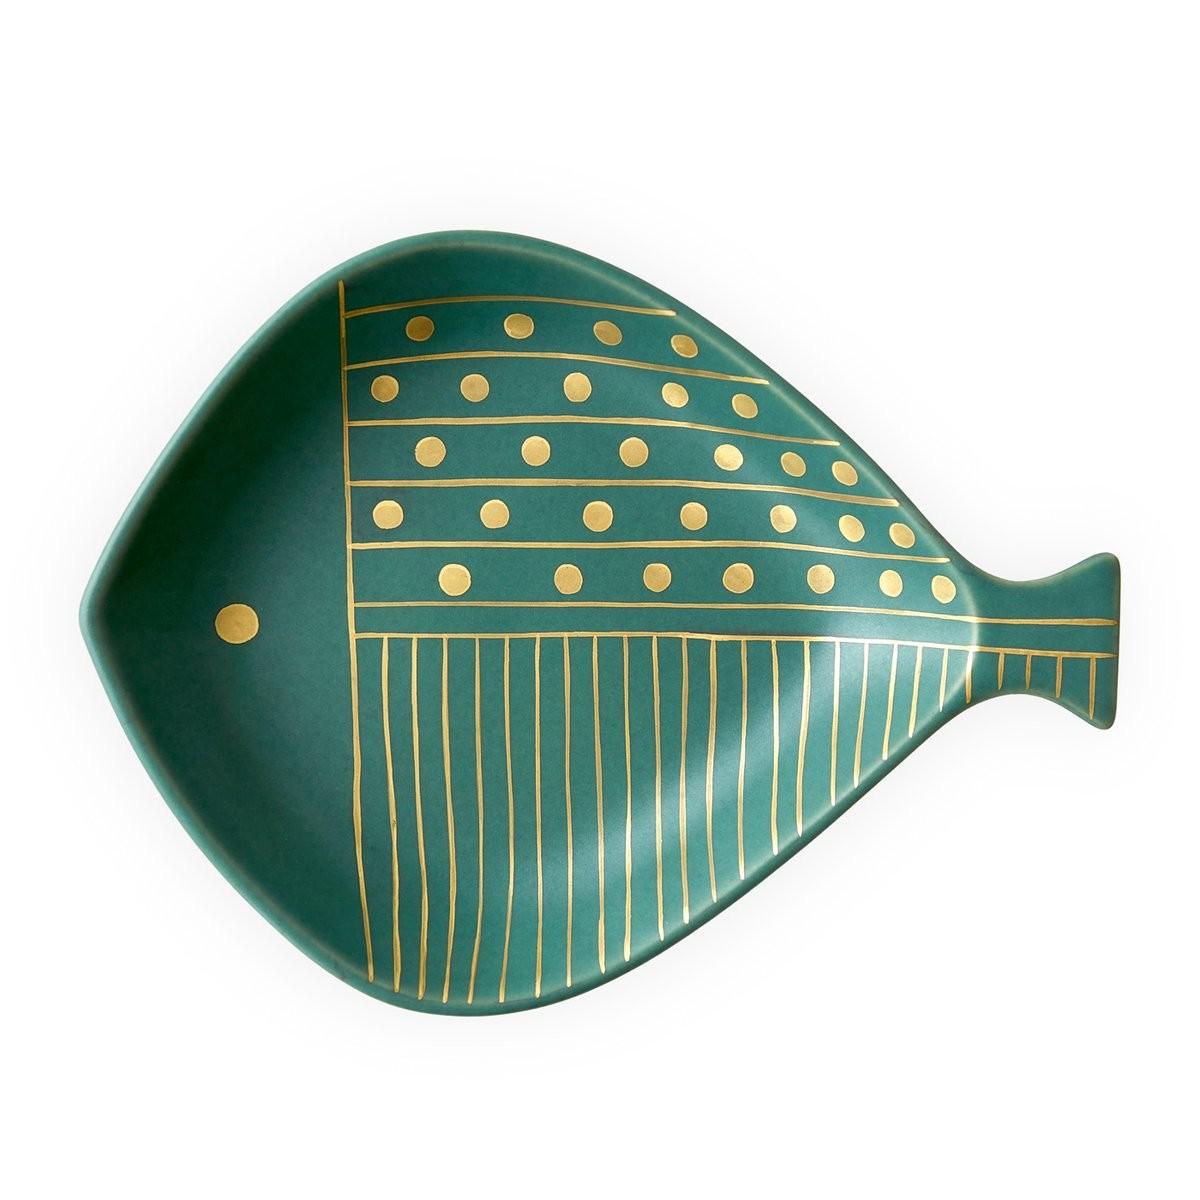 Jonathan Adler I Medium Amalfi Fish Dish